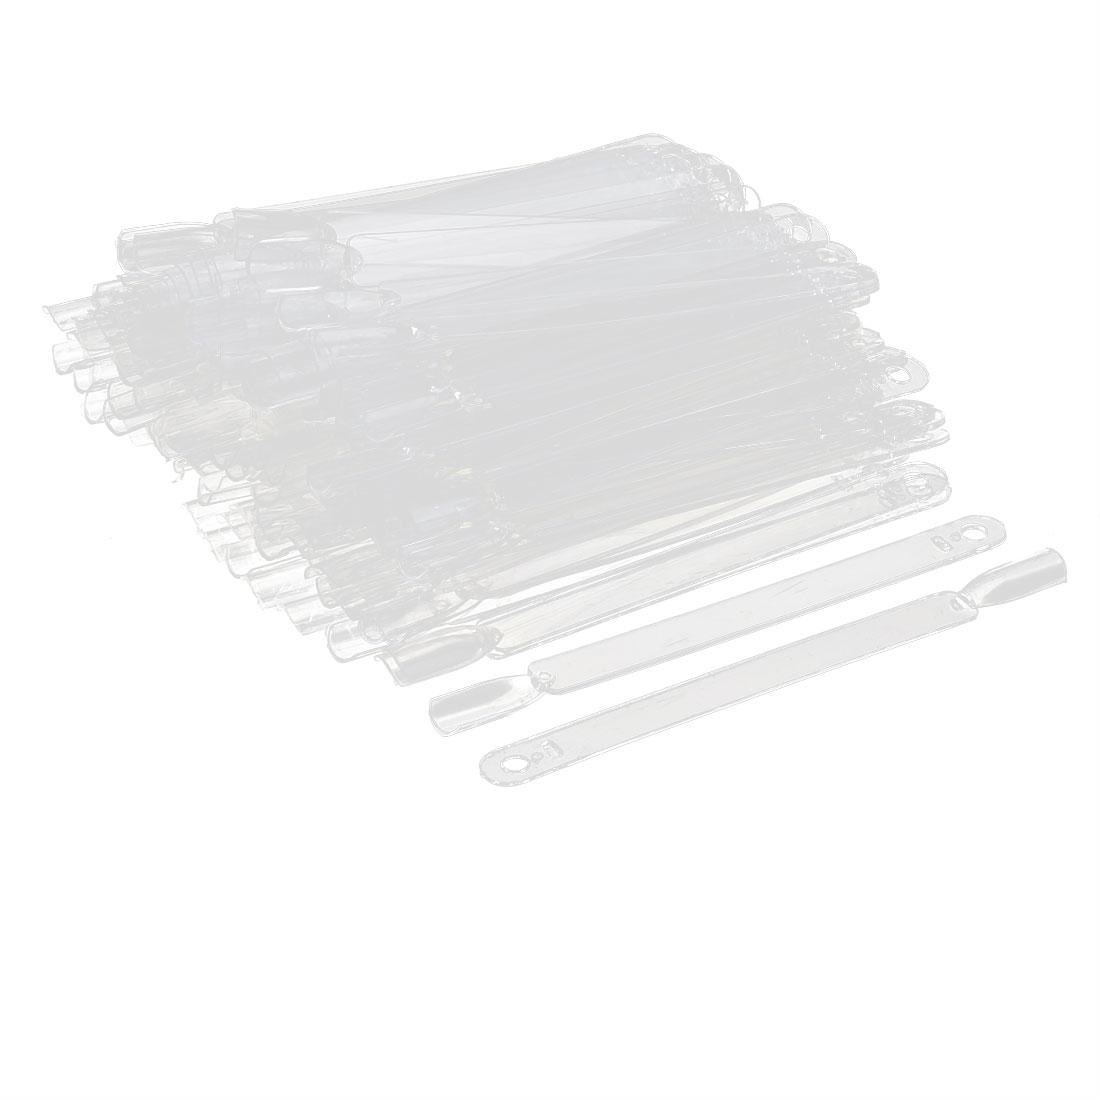 Manicure Plastic Fan Board Nail Art Tips Display Practice Sticks 150 in 1